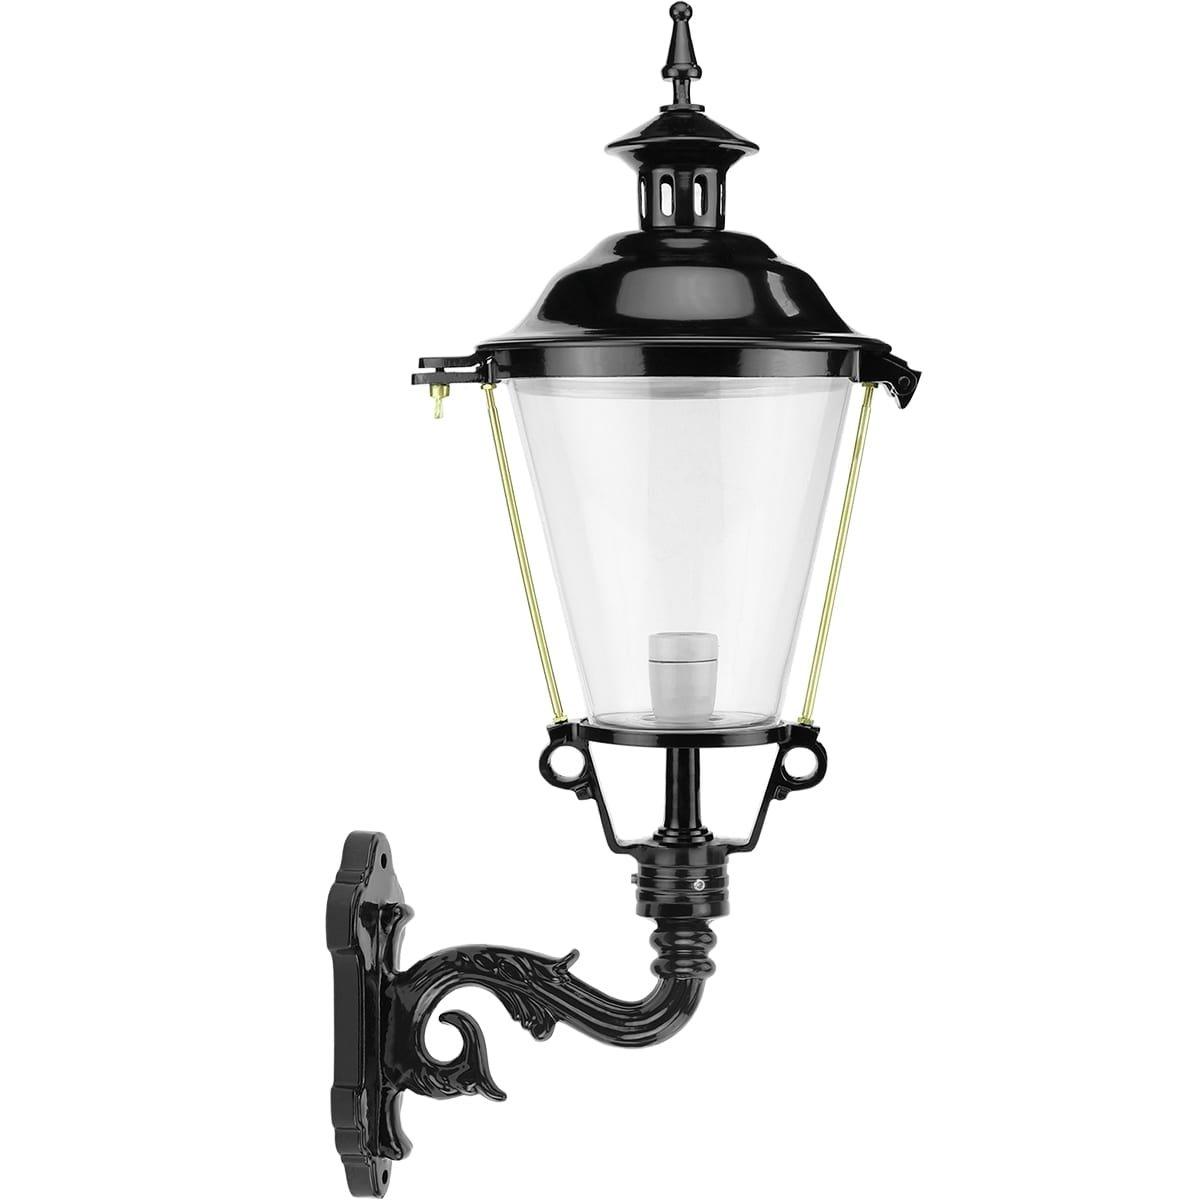 Außenbeleuchtung Klassisch Ländlich Wandlampe außen Wassenaar - 78 cm